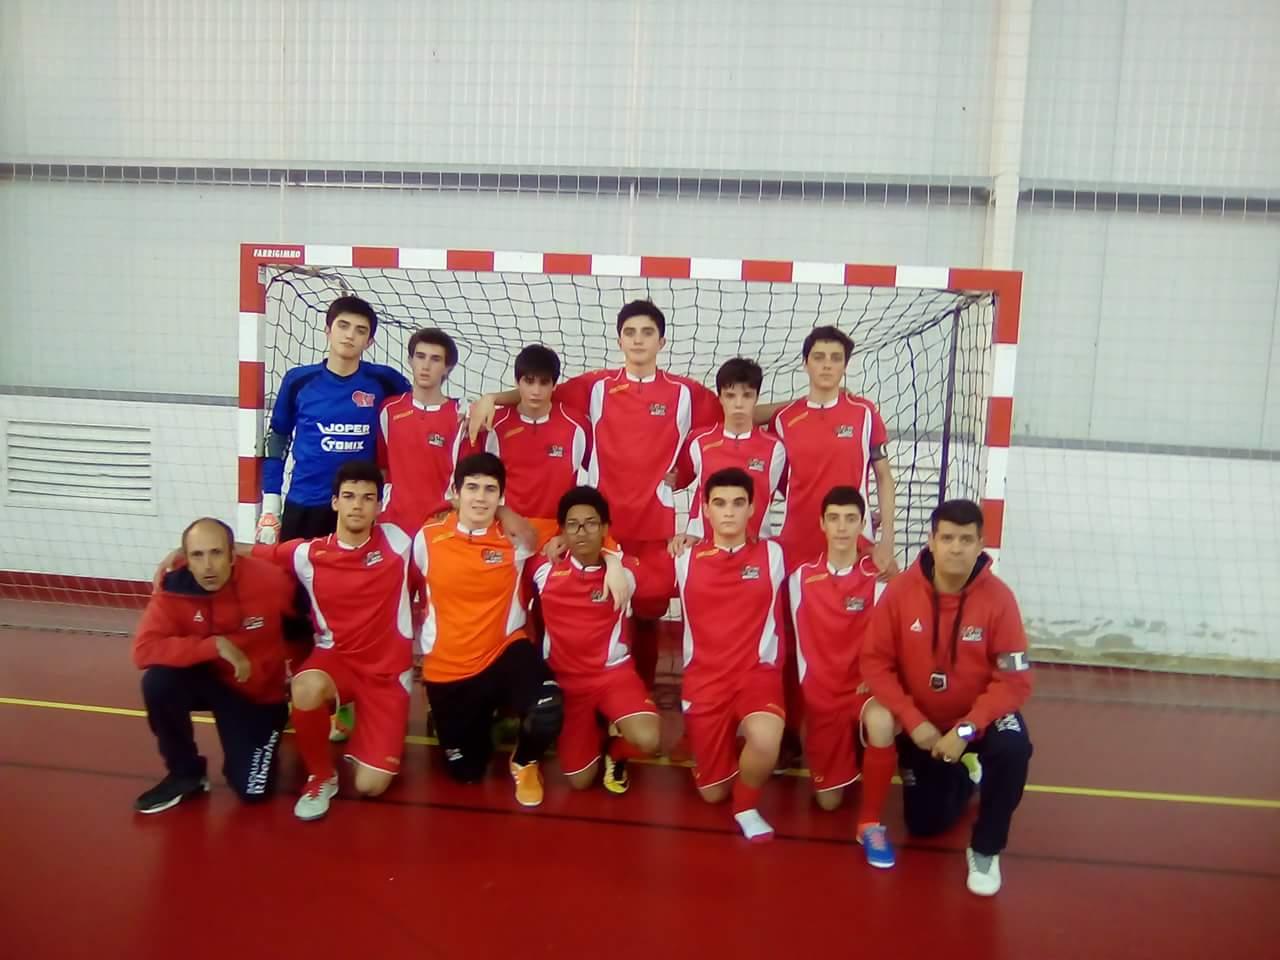 Juvenis da Casa Benfica sobemà primeira divisão distrital da Associação Futebol de Lisboa